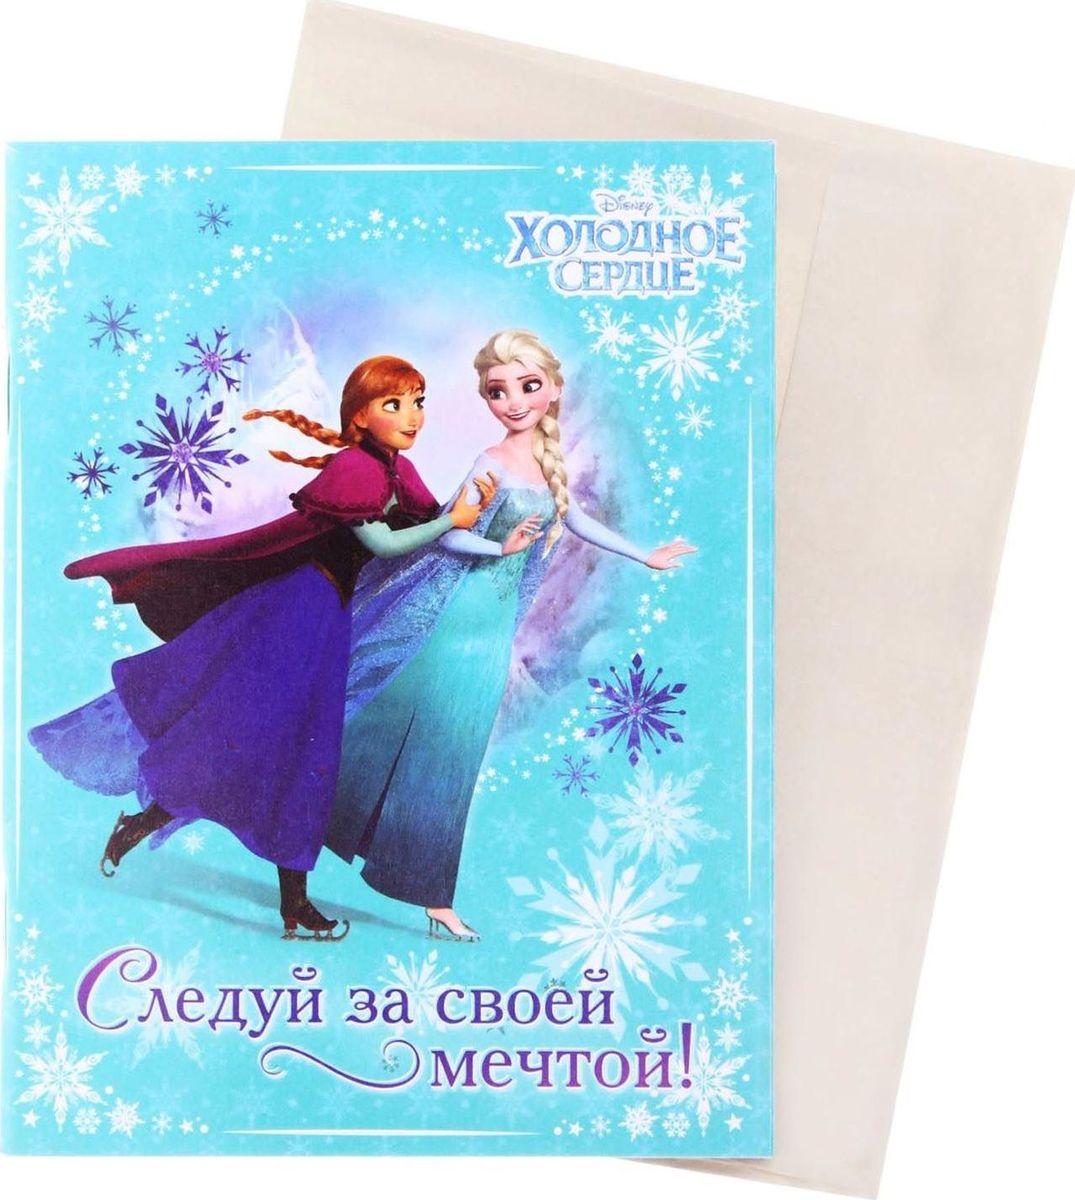 Disney Блокнот-открытка Холодное сердце Следуй за своей мечтой 32 листа1121645Перед вами уникальная разработка нашего креативного отдела. С одной стороны, это яркая открытка с героями любимого мультфильма, а стоит заглянуть внутрь, и вы найдете 32 дизайнерских листа с бархатной фактурой. Роскошный сувенир, разработанный специально для маленьких принцесс. В отличие от обычной открытки, которая зачастую просто пылиться в шкафу, блокнотом Следуй за своей мечтой приятно пользоваться! Все элементы украшены милыми комплиментами и советами для юных красавиц. Герои мультика Холодное сердце изображены на обложке блокнота и на внутренних листах, так что каждая запись приносит еще больше удовольствия. В подарок к блокноту-открытке вложен универсальный конверт. Подпишите его, открытку и вручите сувенир адресату на любой праздник.